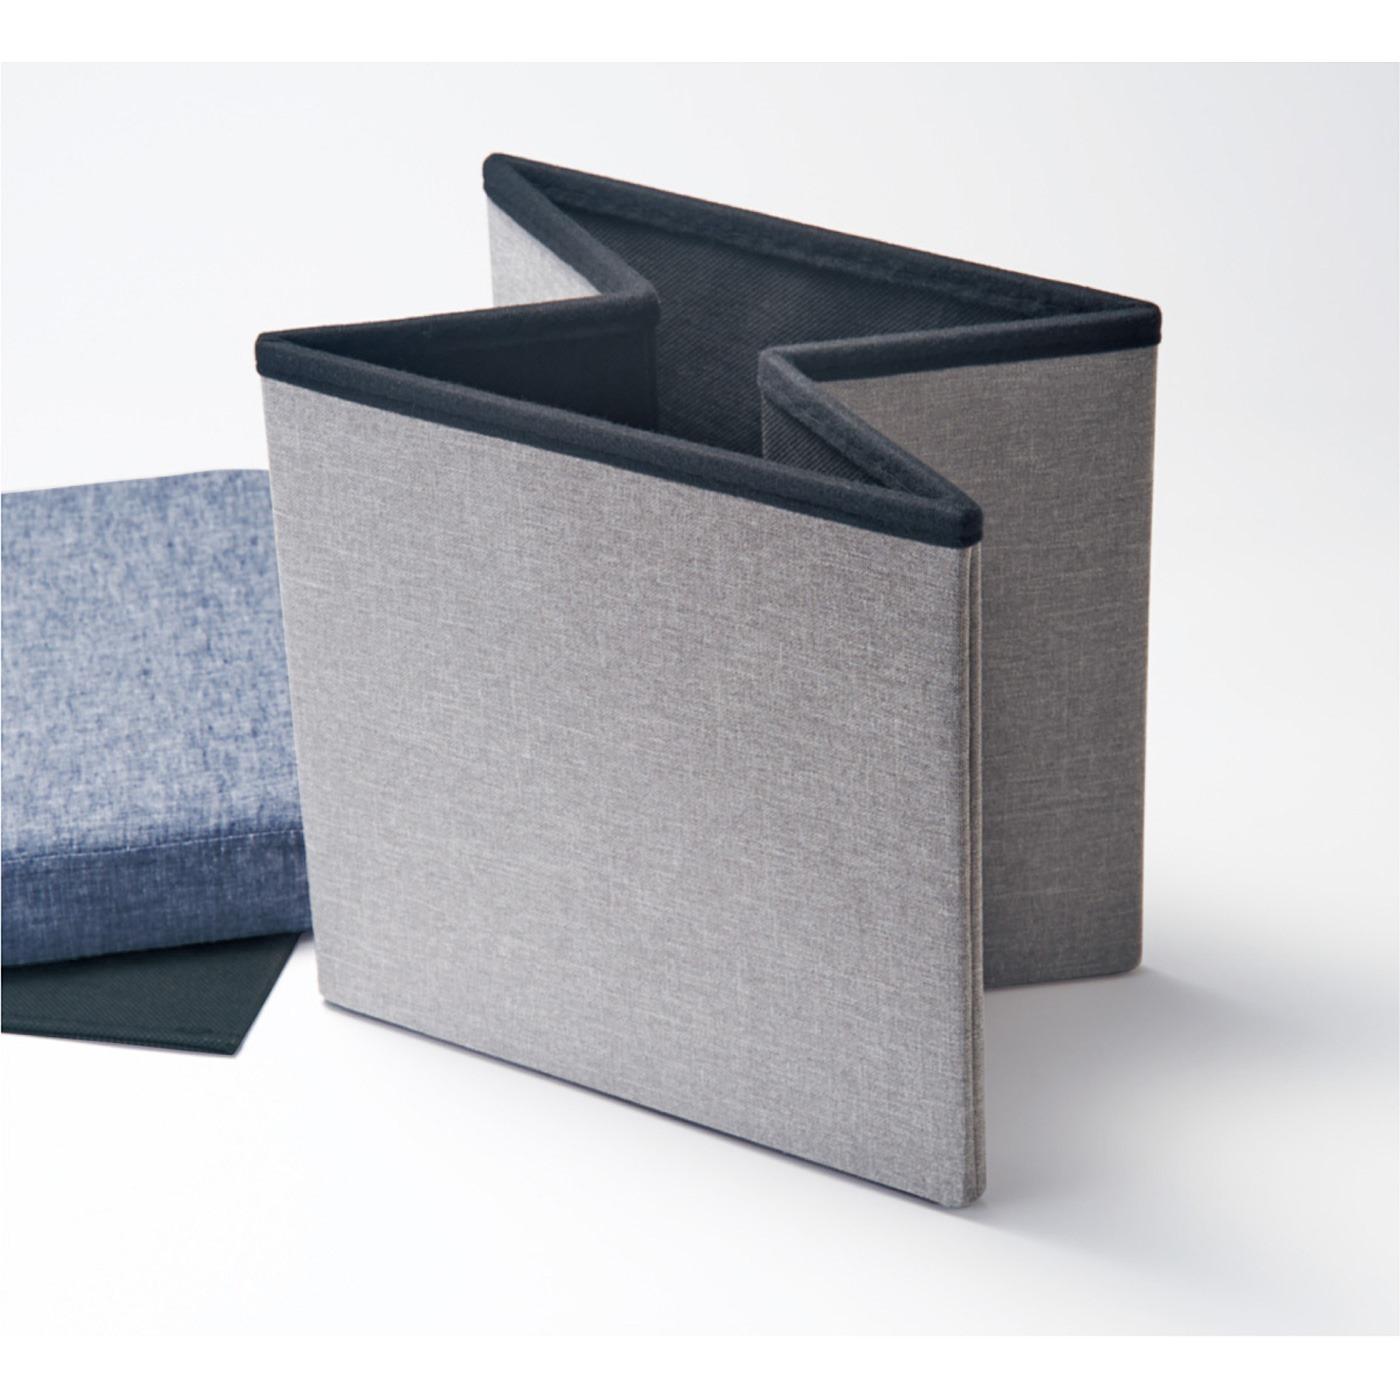 ボックスを組み立てて内側に底板を敷きます。